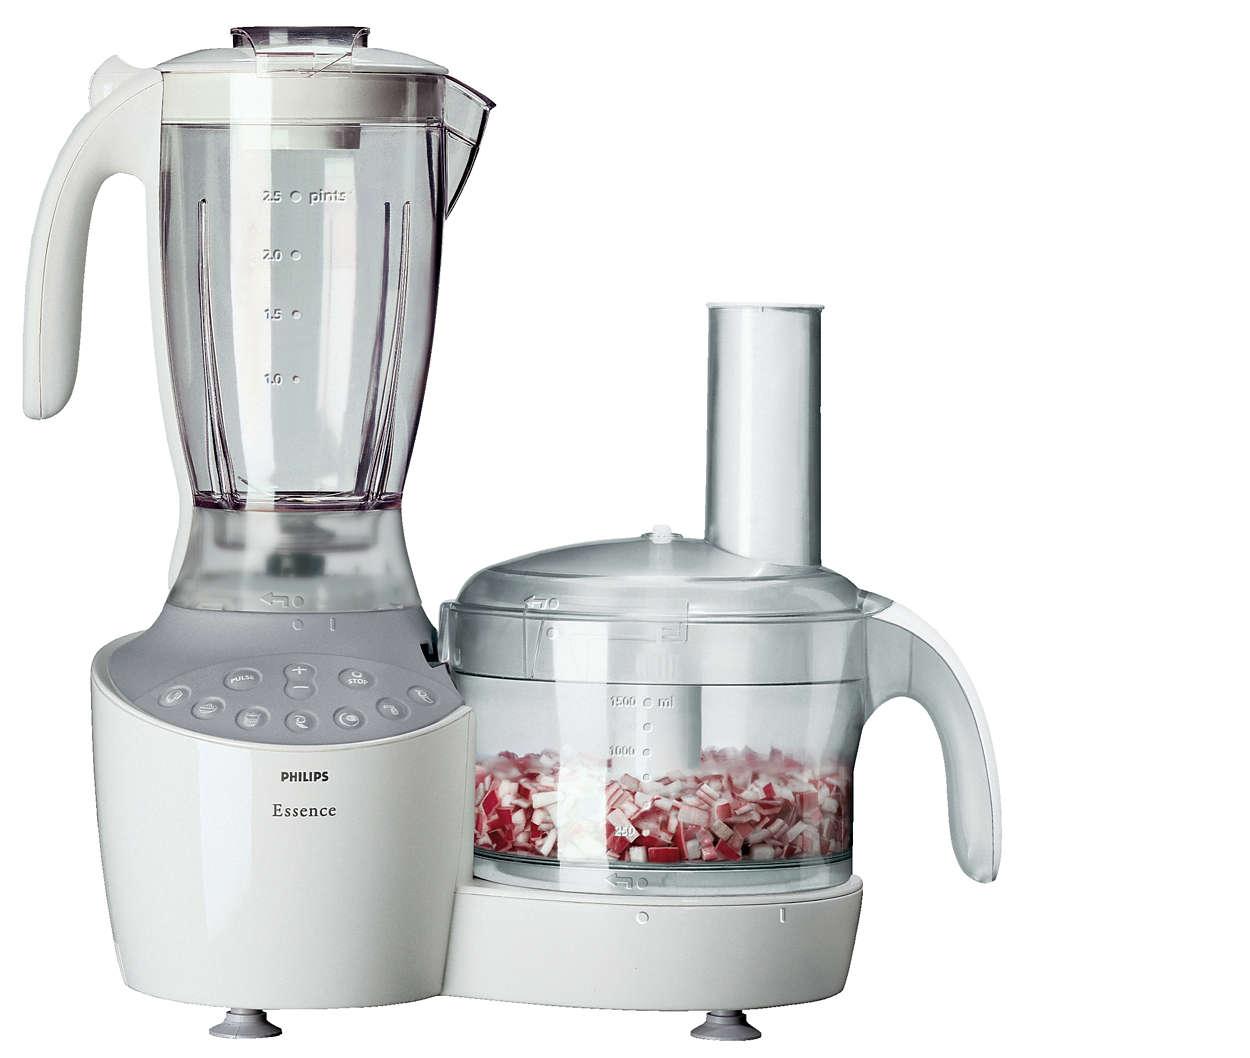 Des r sultats rapides d 39 une qualit professionnelle - Philips robot cocina ...